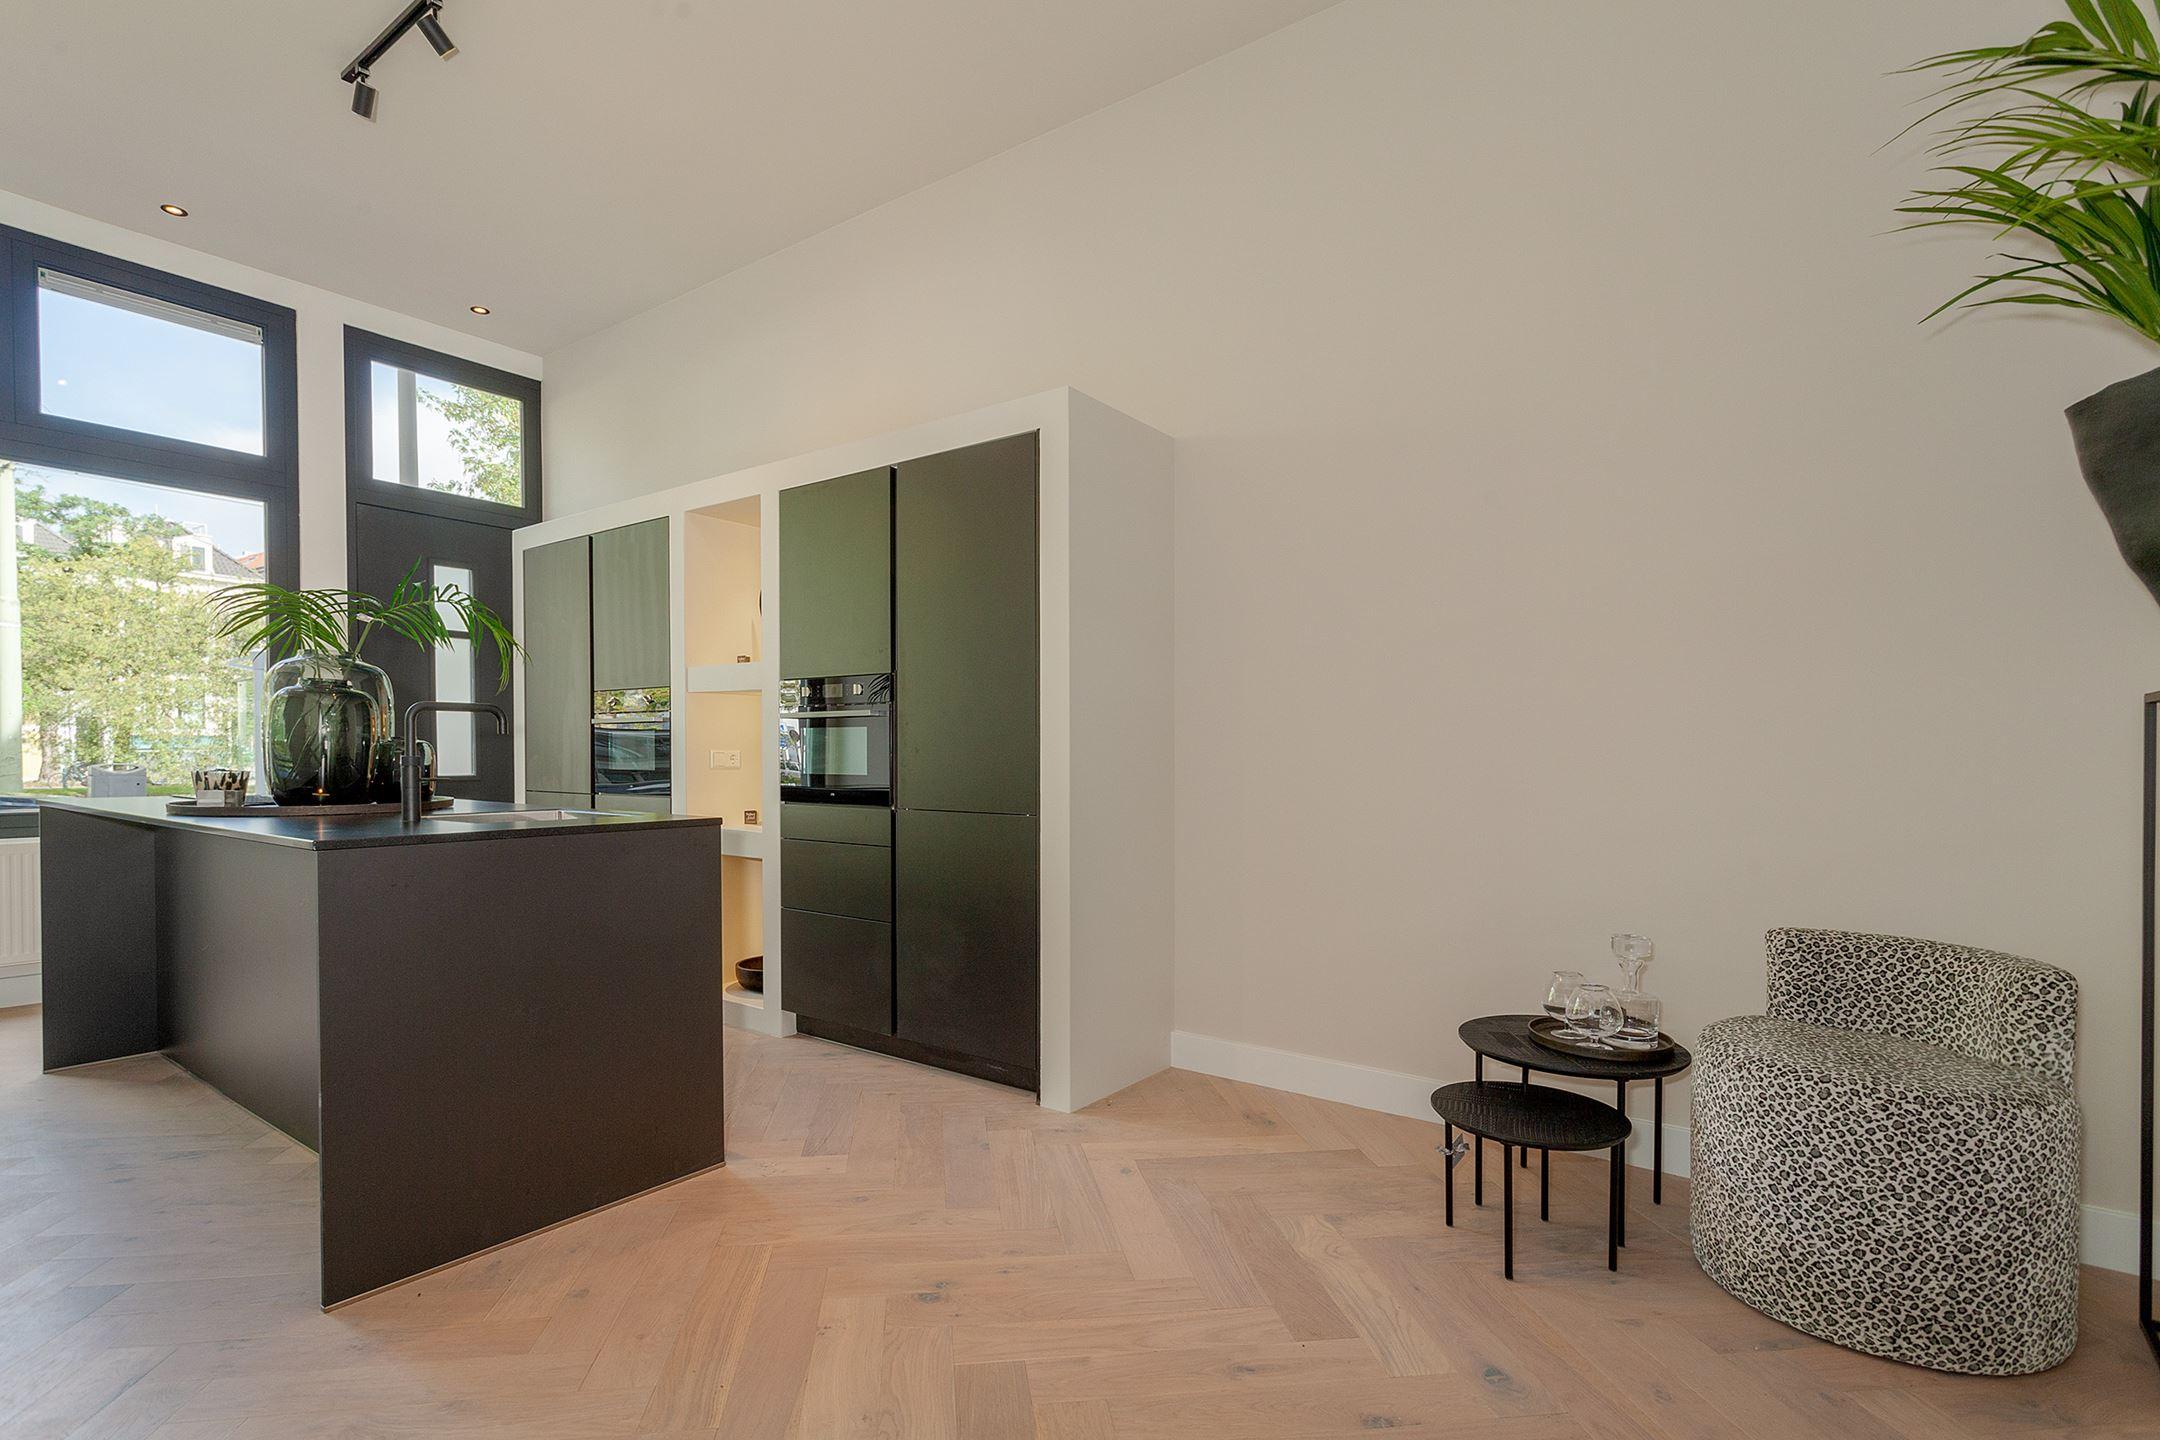 Keuken verbouwing renovatie rotterdam noordsingel